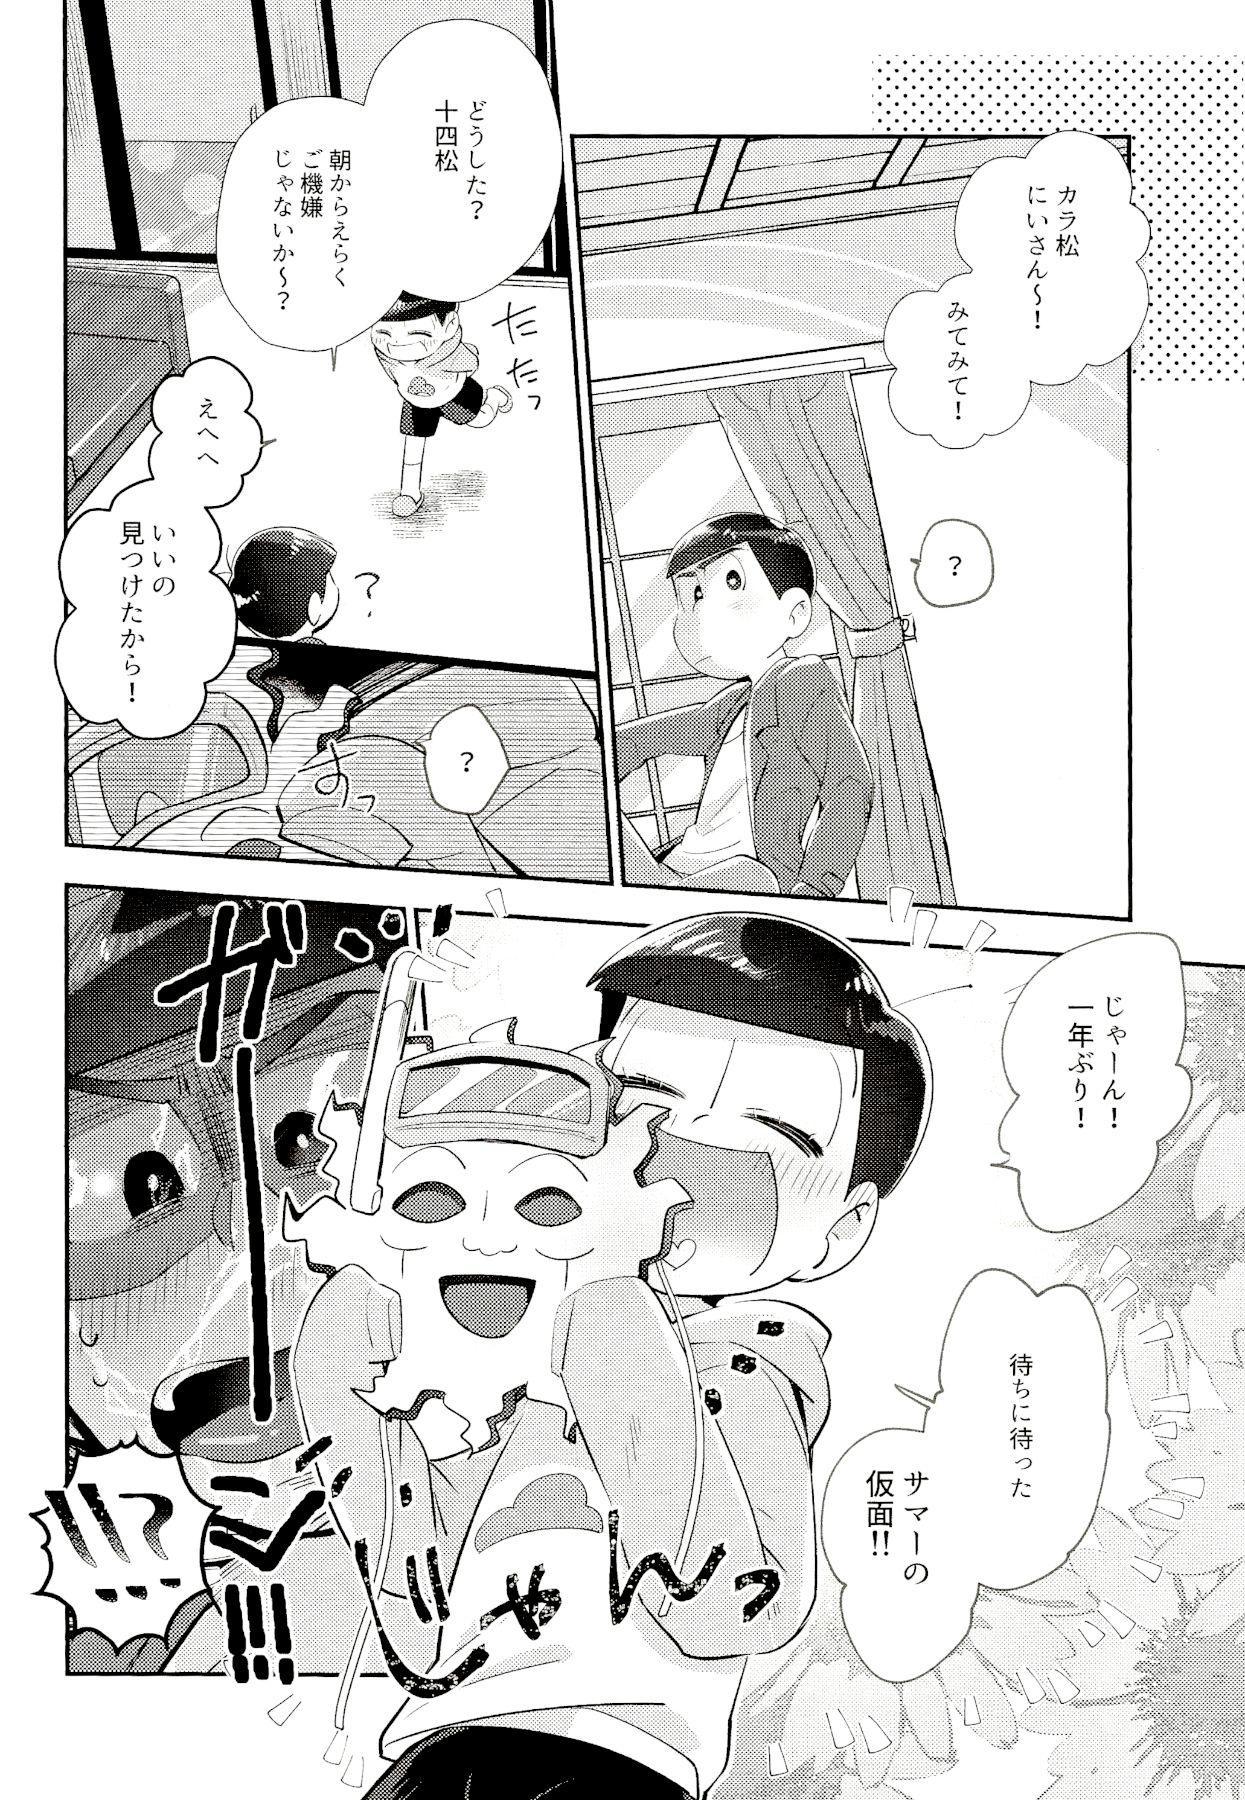 My Riru Juushimatsu ga Summer Kamen to xx Shitaidato!? 2